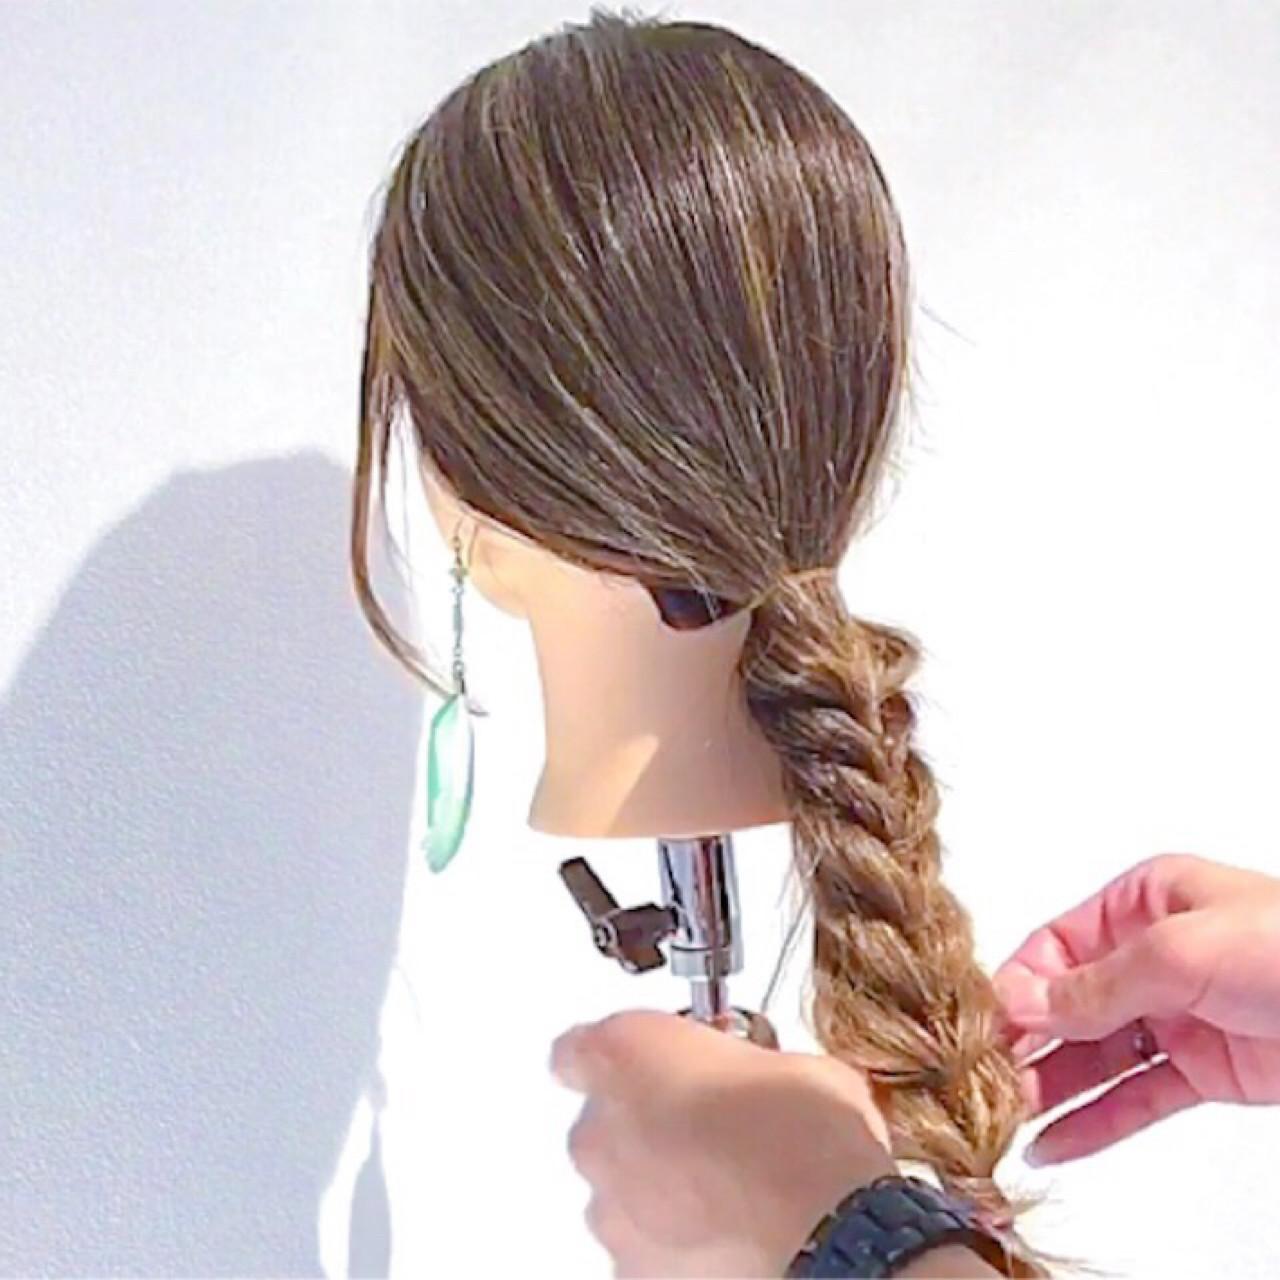 簡単ヘアアレンジ ロング フェミニン 女子会 ヘアスタイルや髪型の写真・画像 | 美容師HIRO/Amoute代表 / Amoute/アムティ